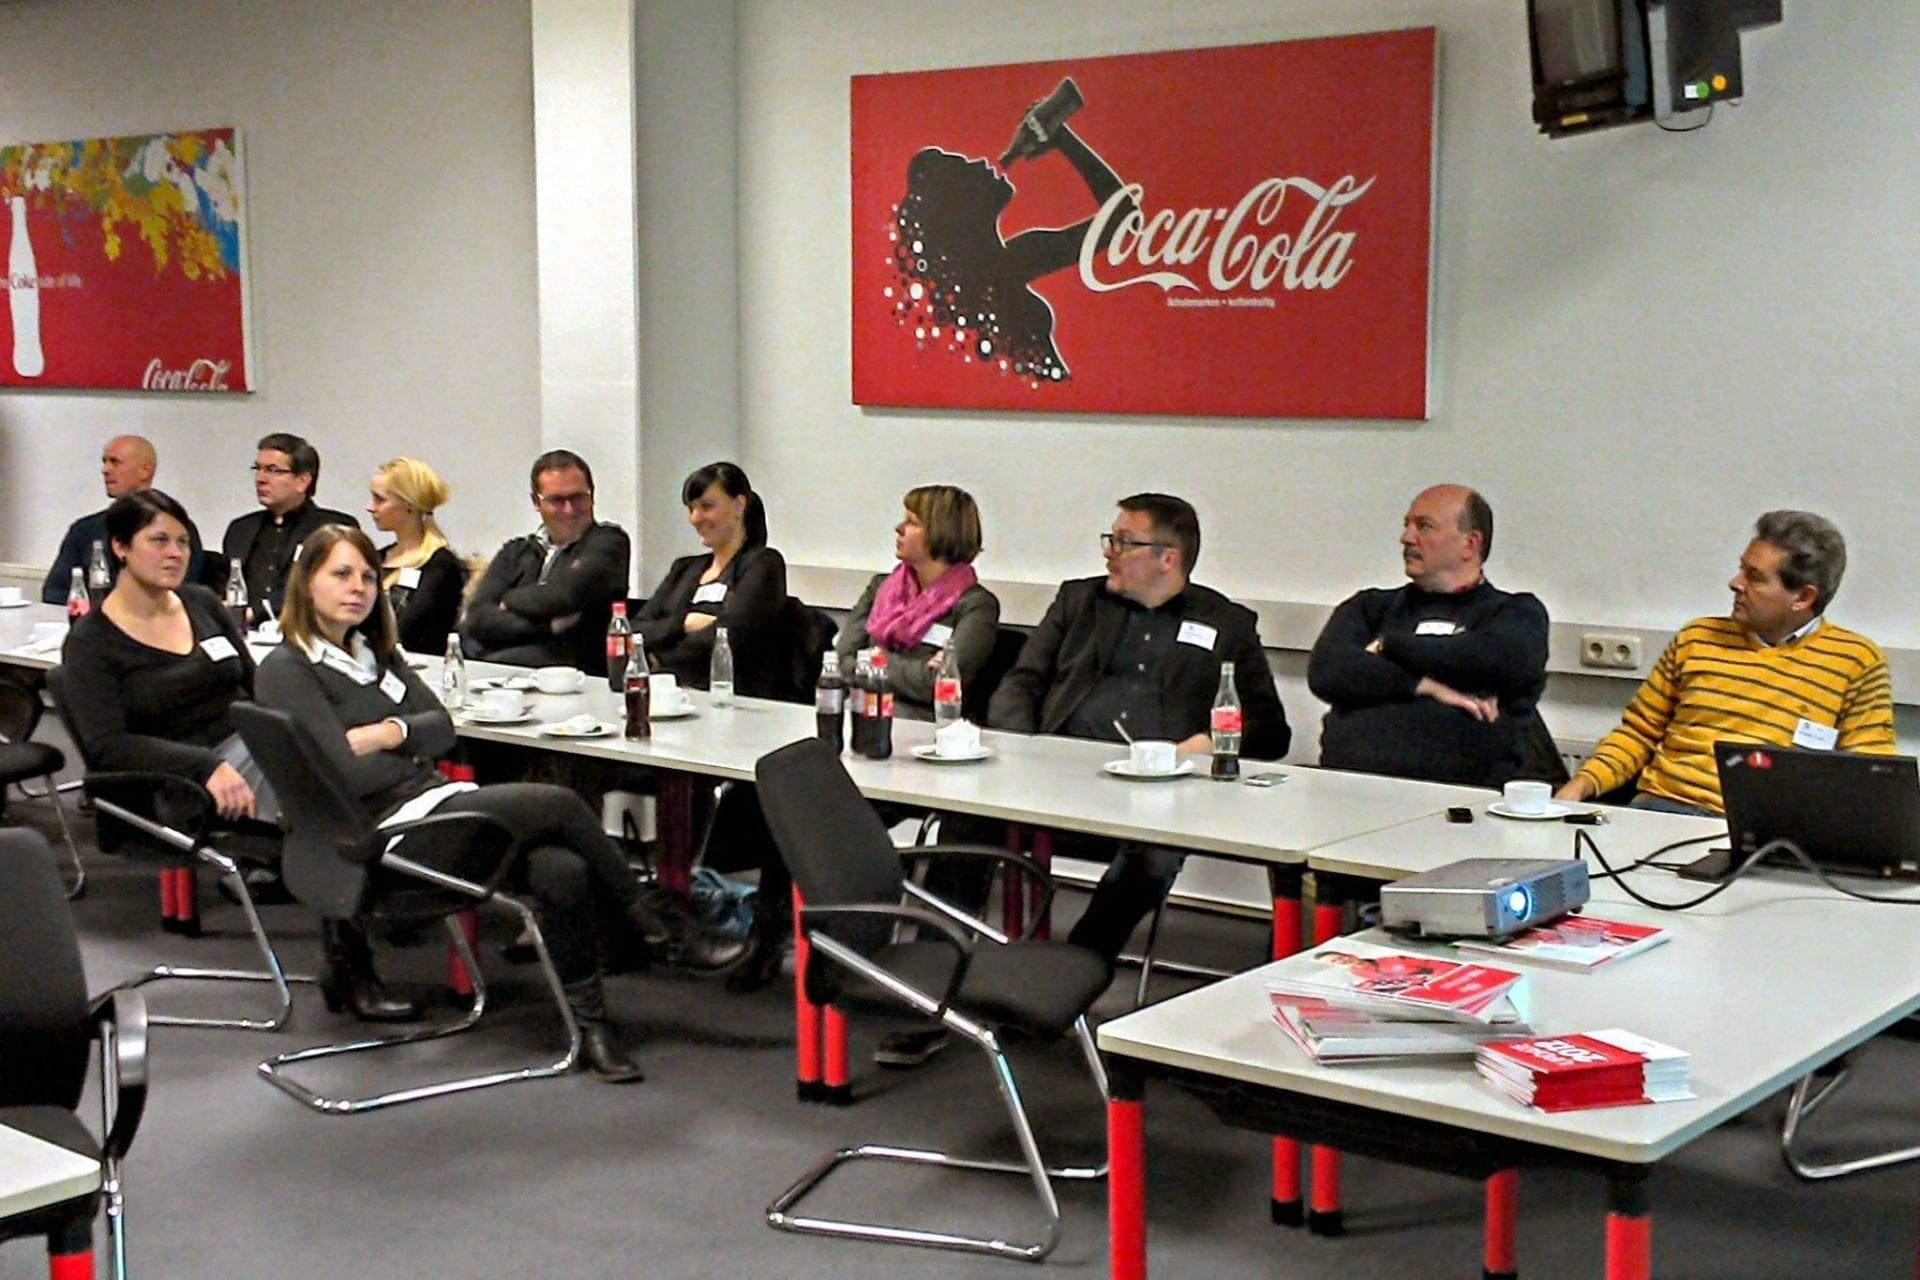 16.12.2013 / Coca-Cola Erfrischungsgetränke AG – Marketing Club Rostock